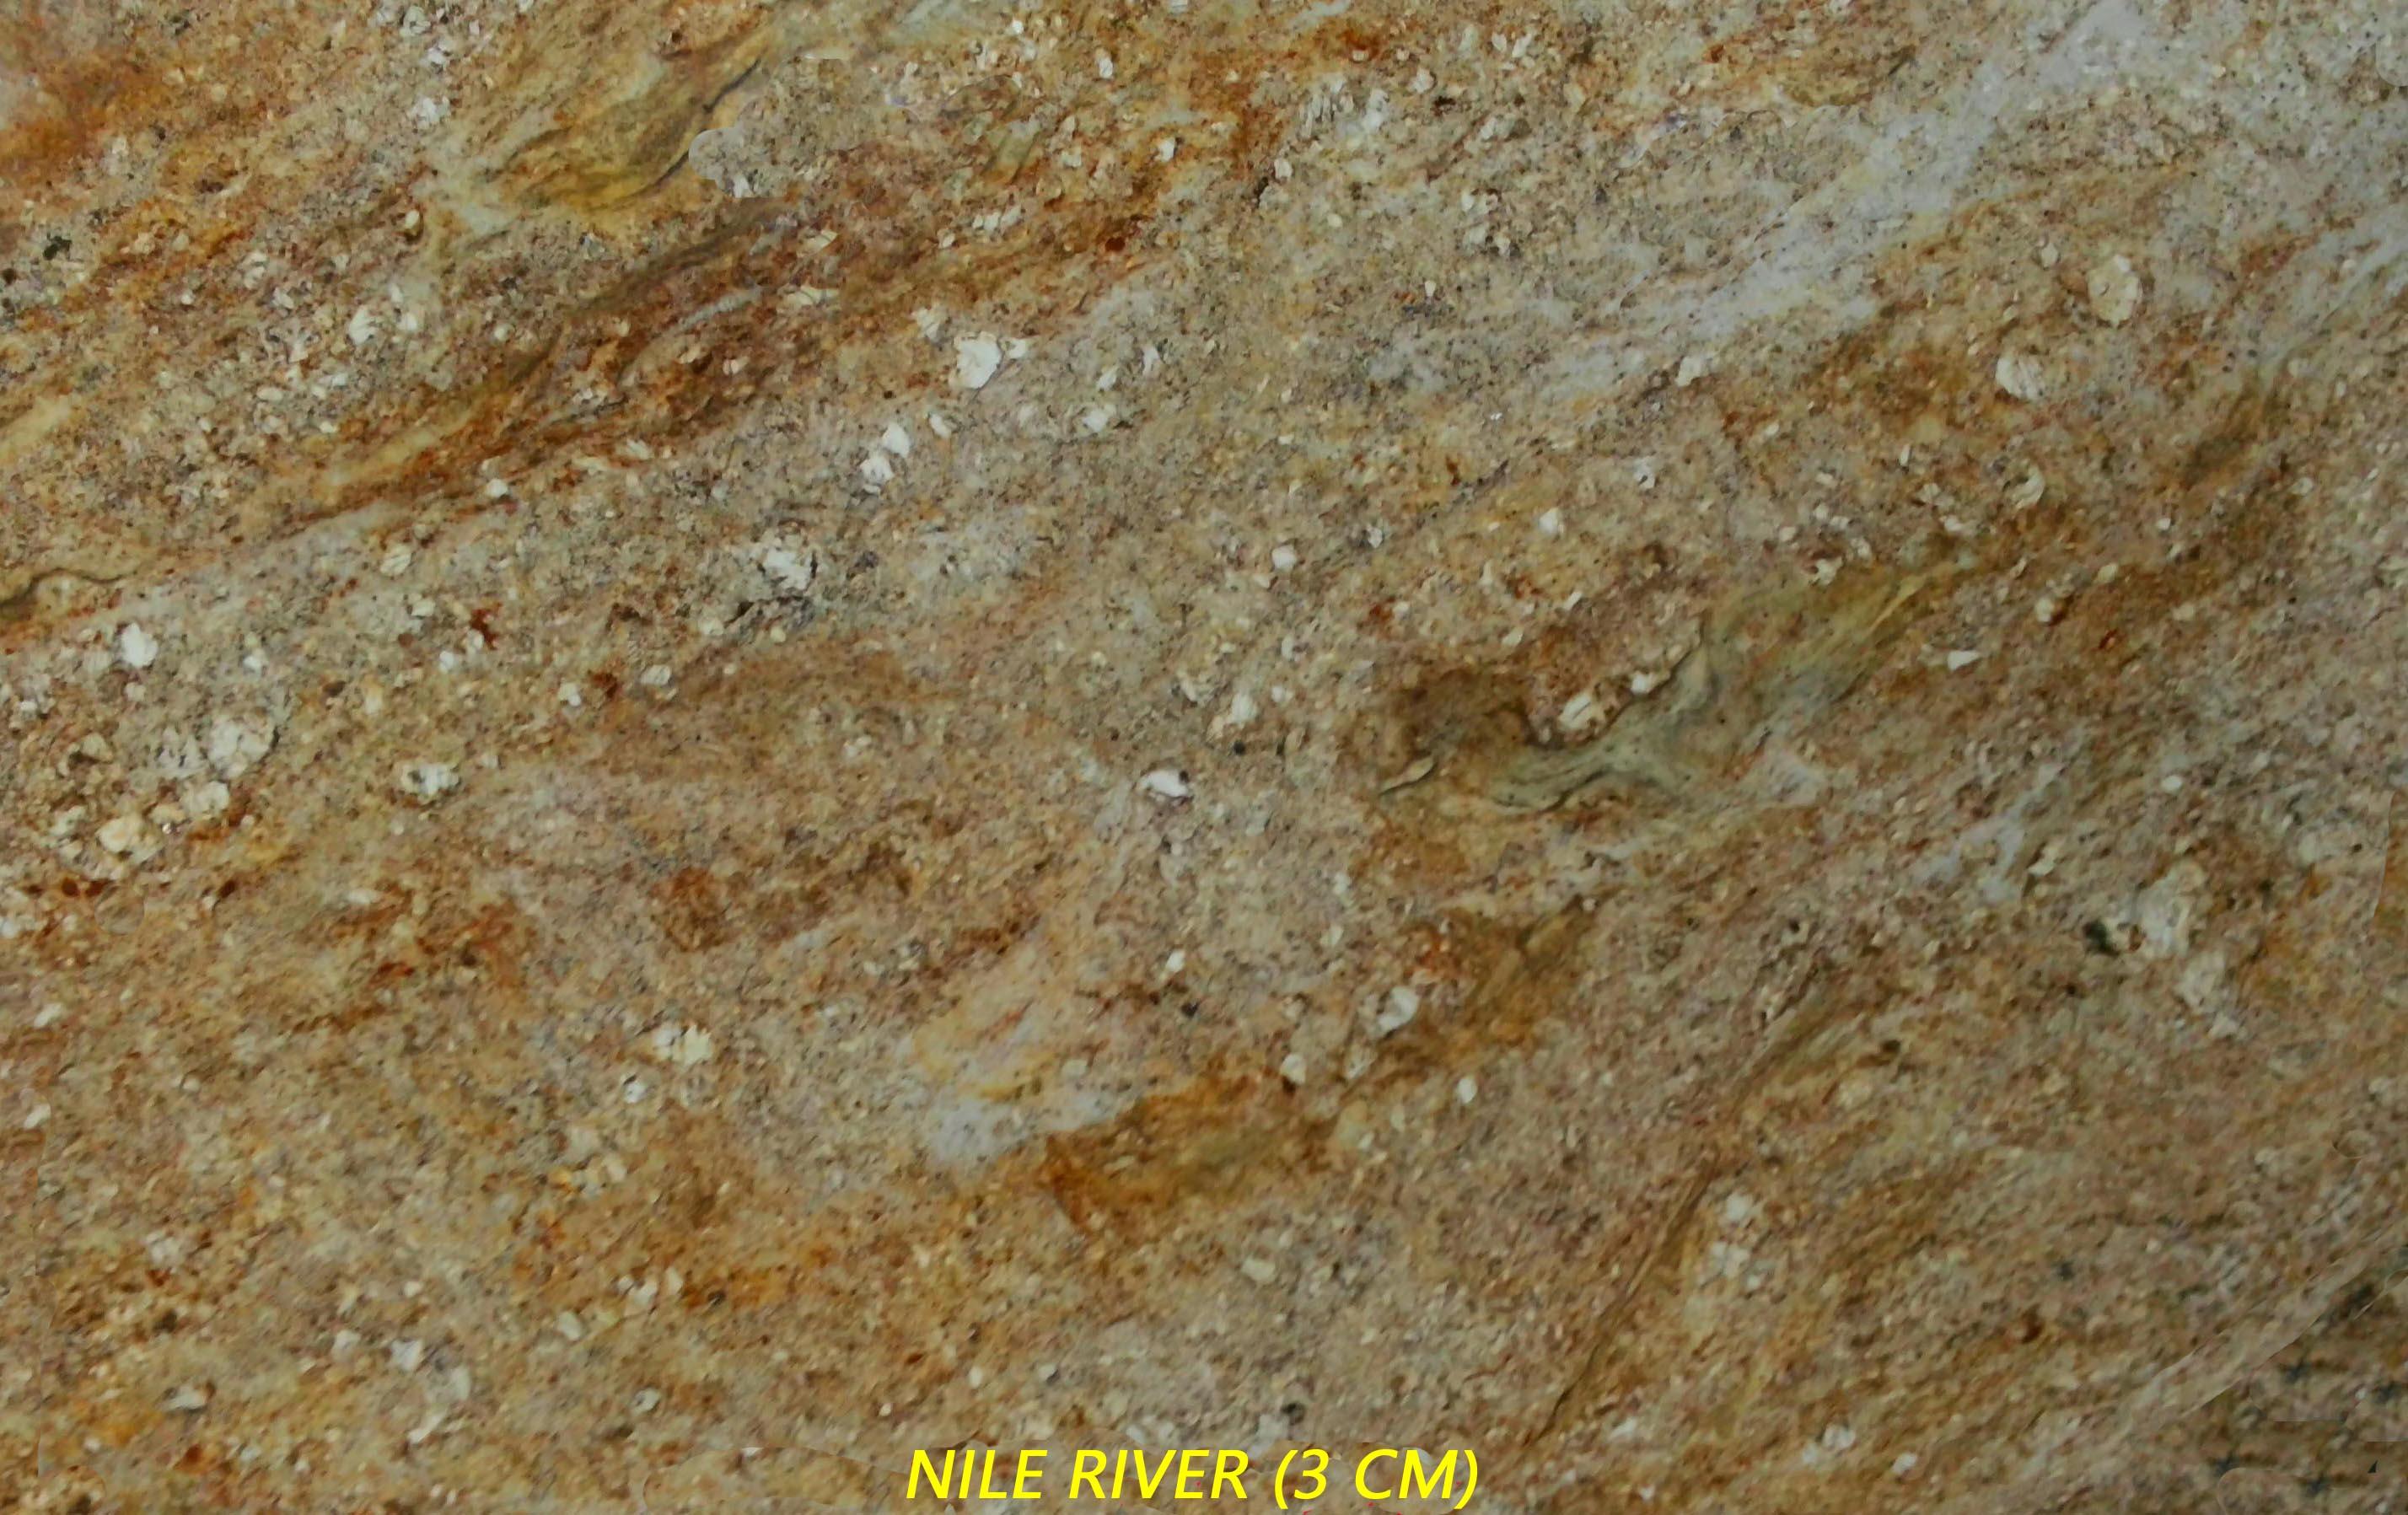 NILE RIVER (3 CM)-#21781.jpg